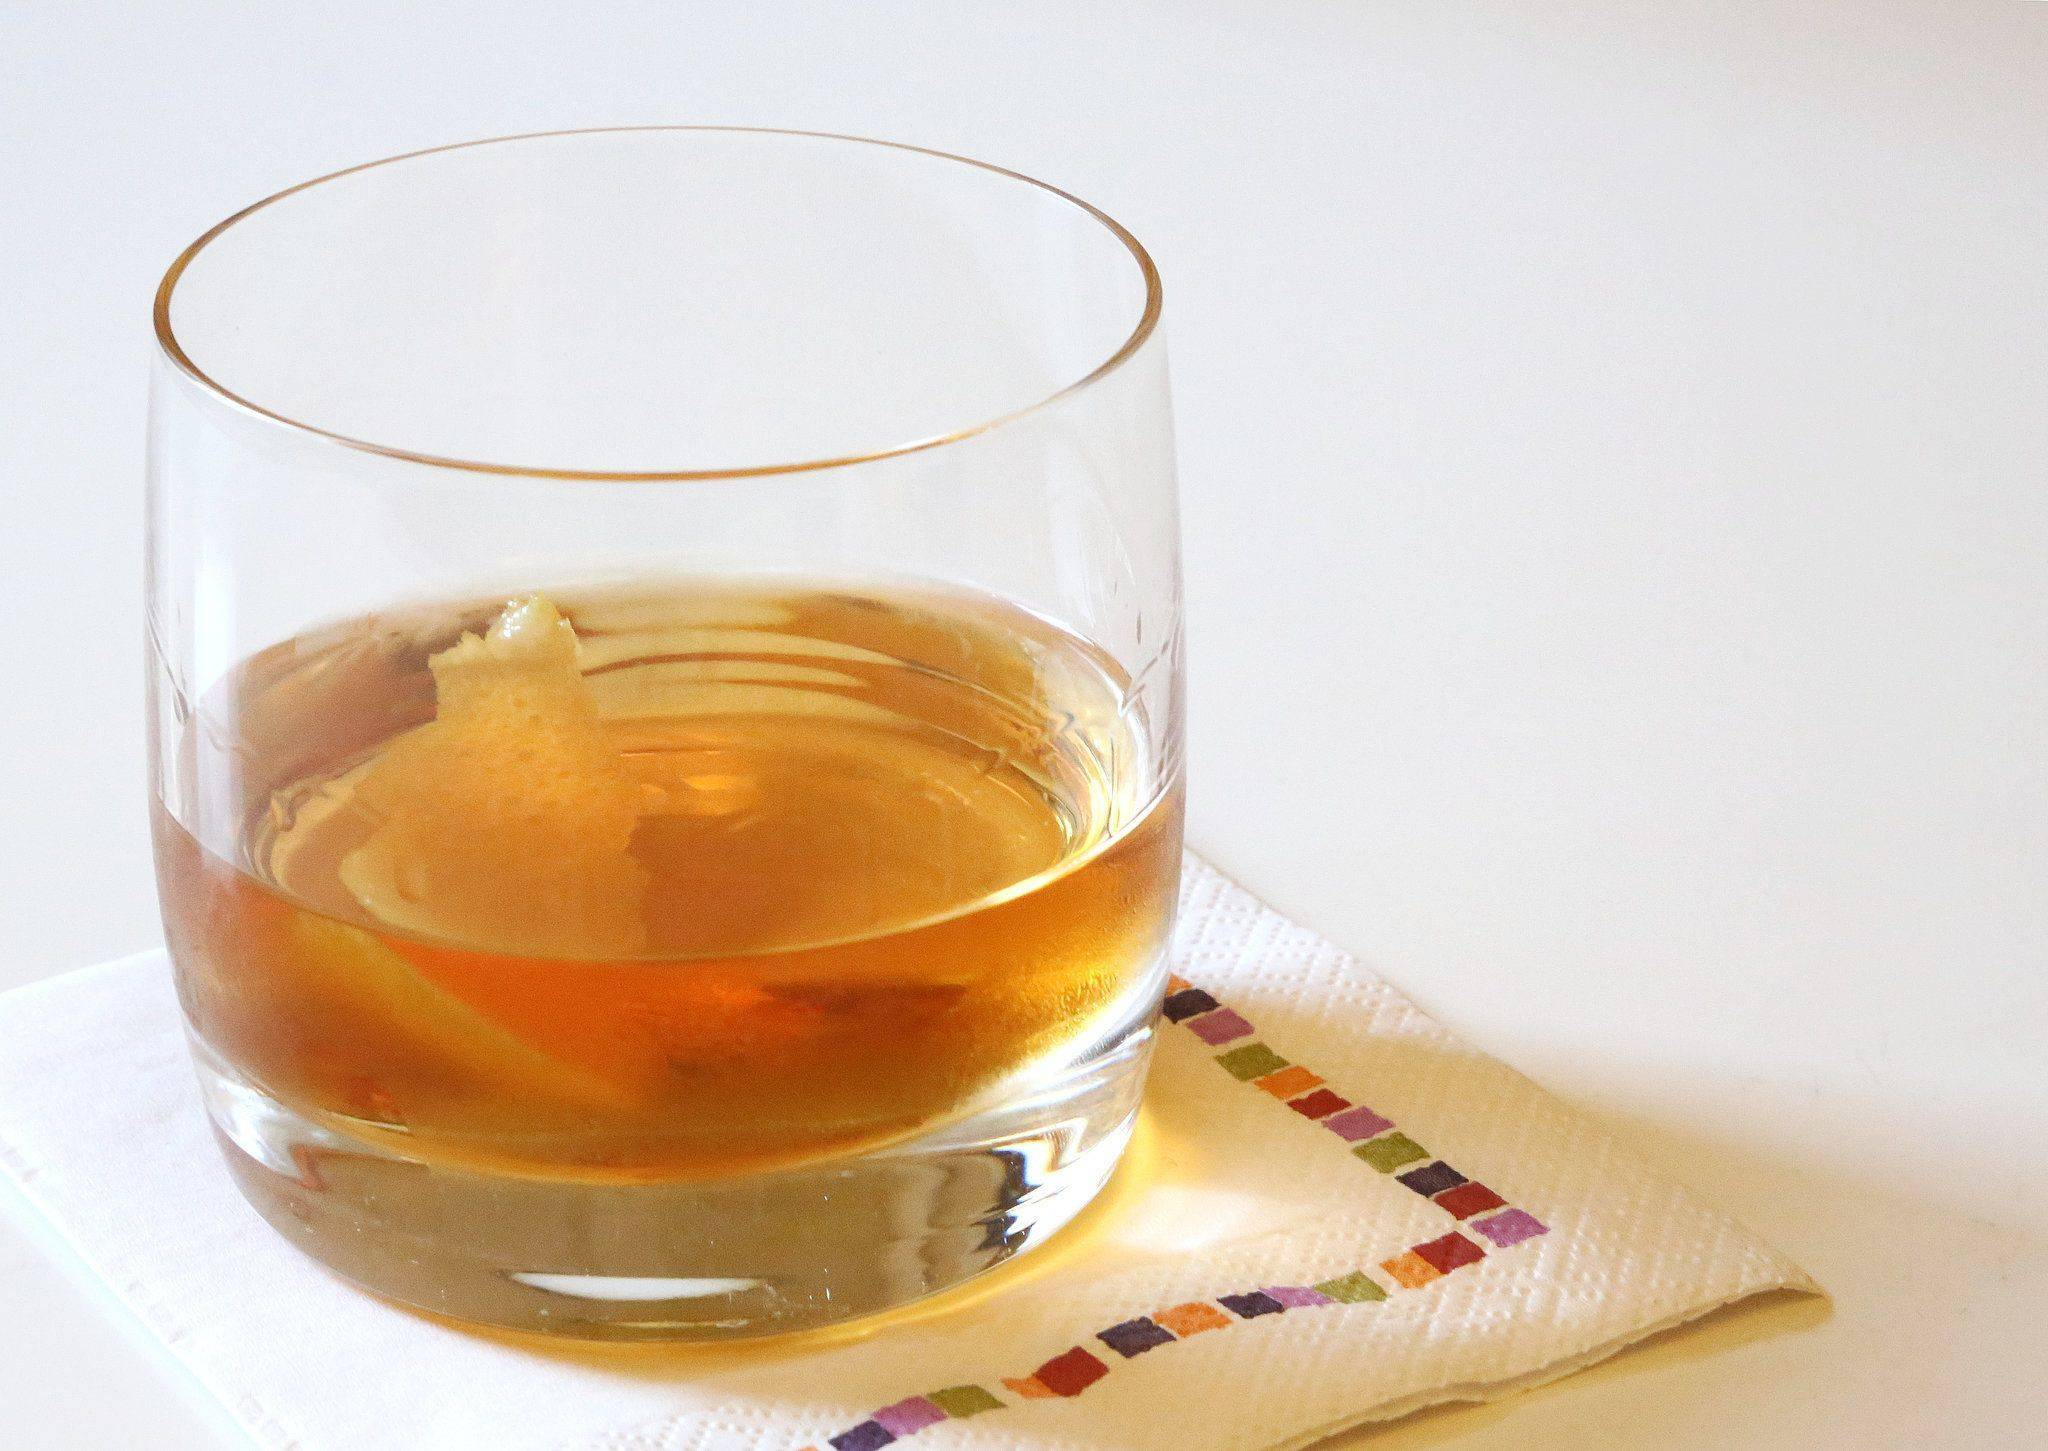 3500 слов о том, как сделать домашний виски